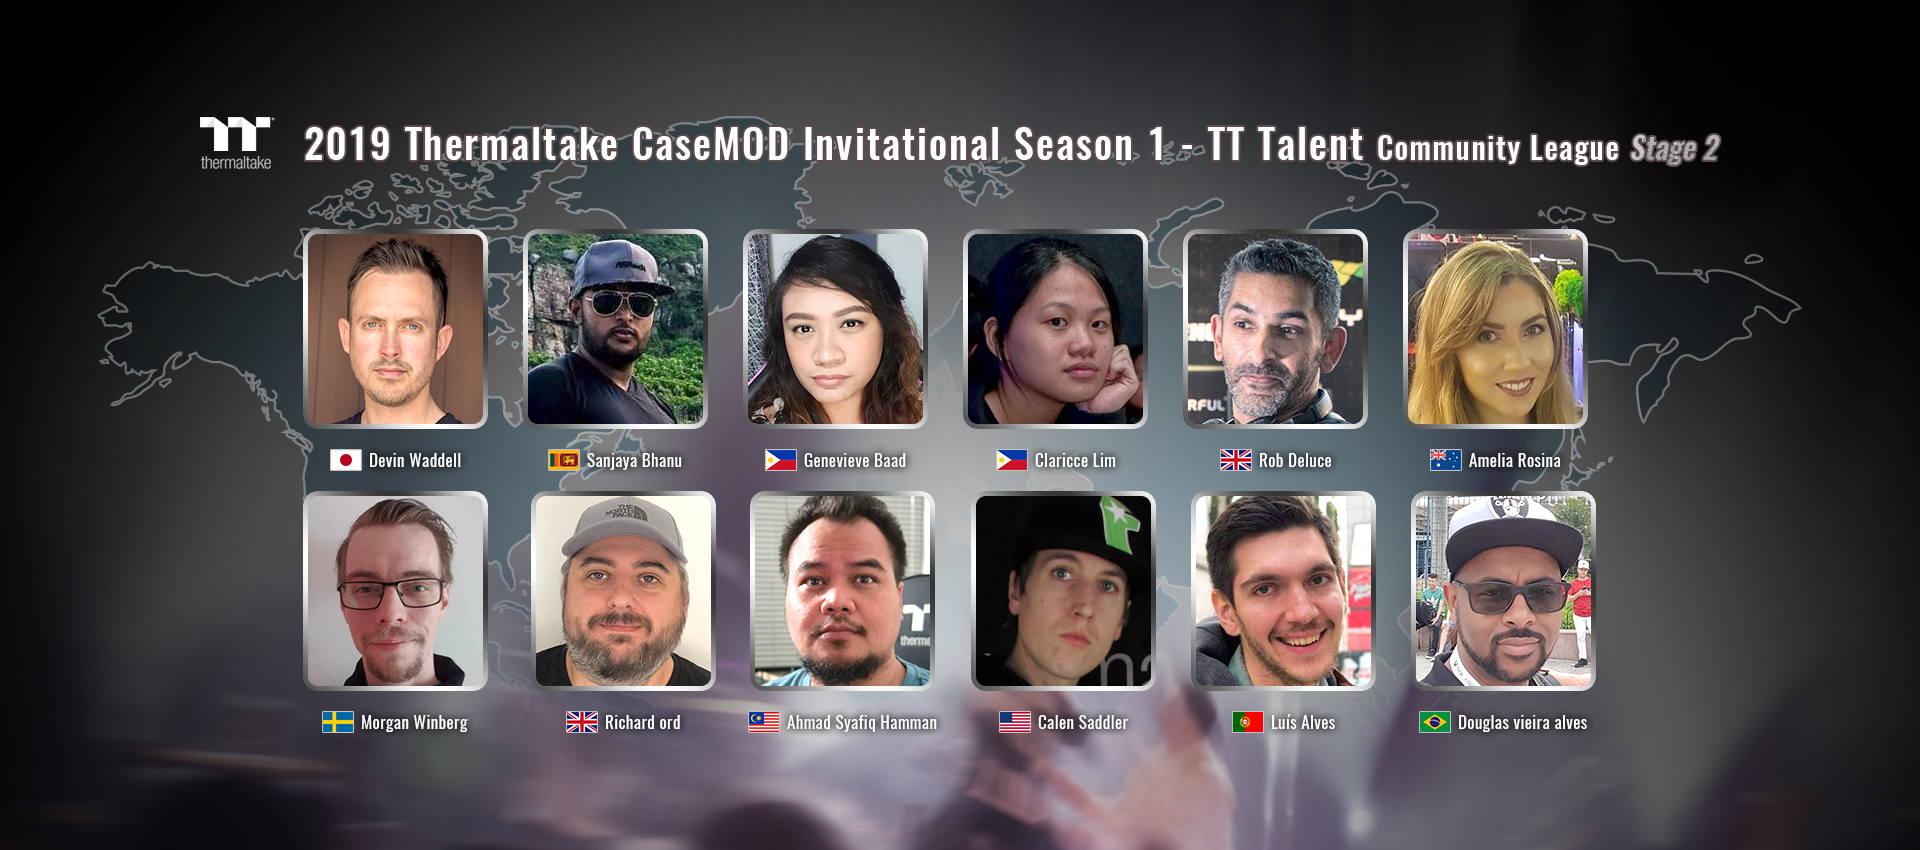 2019 Casemod Season1